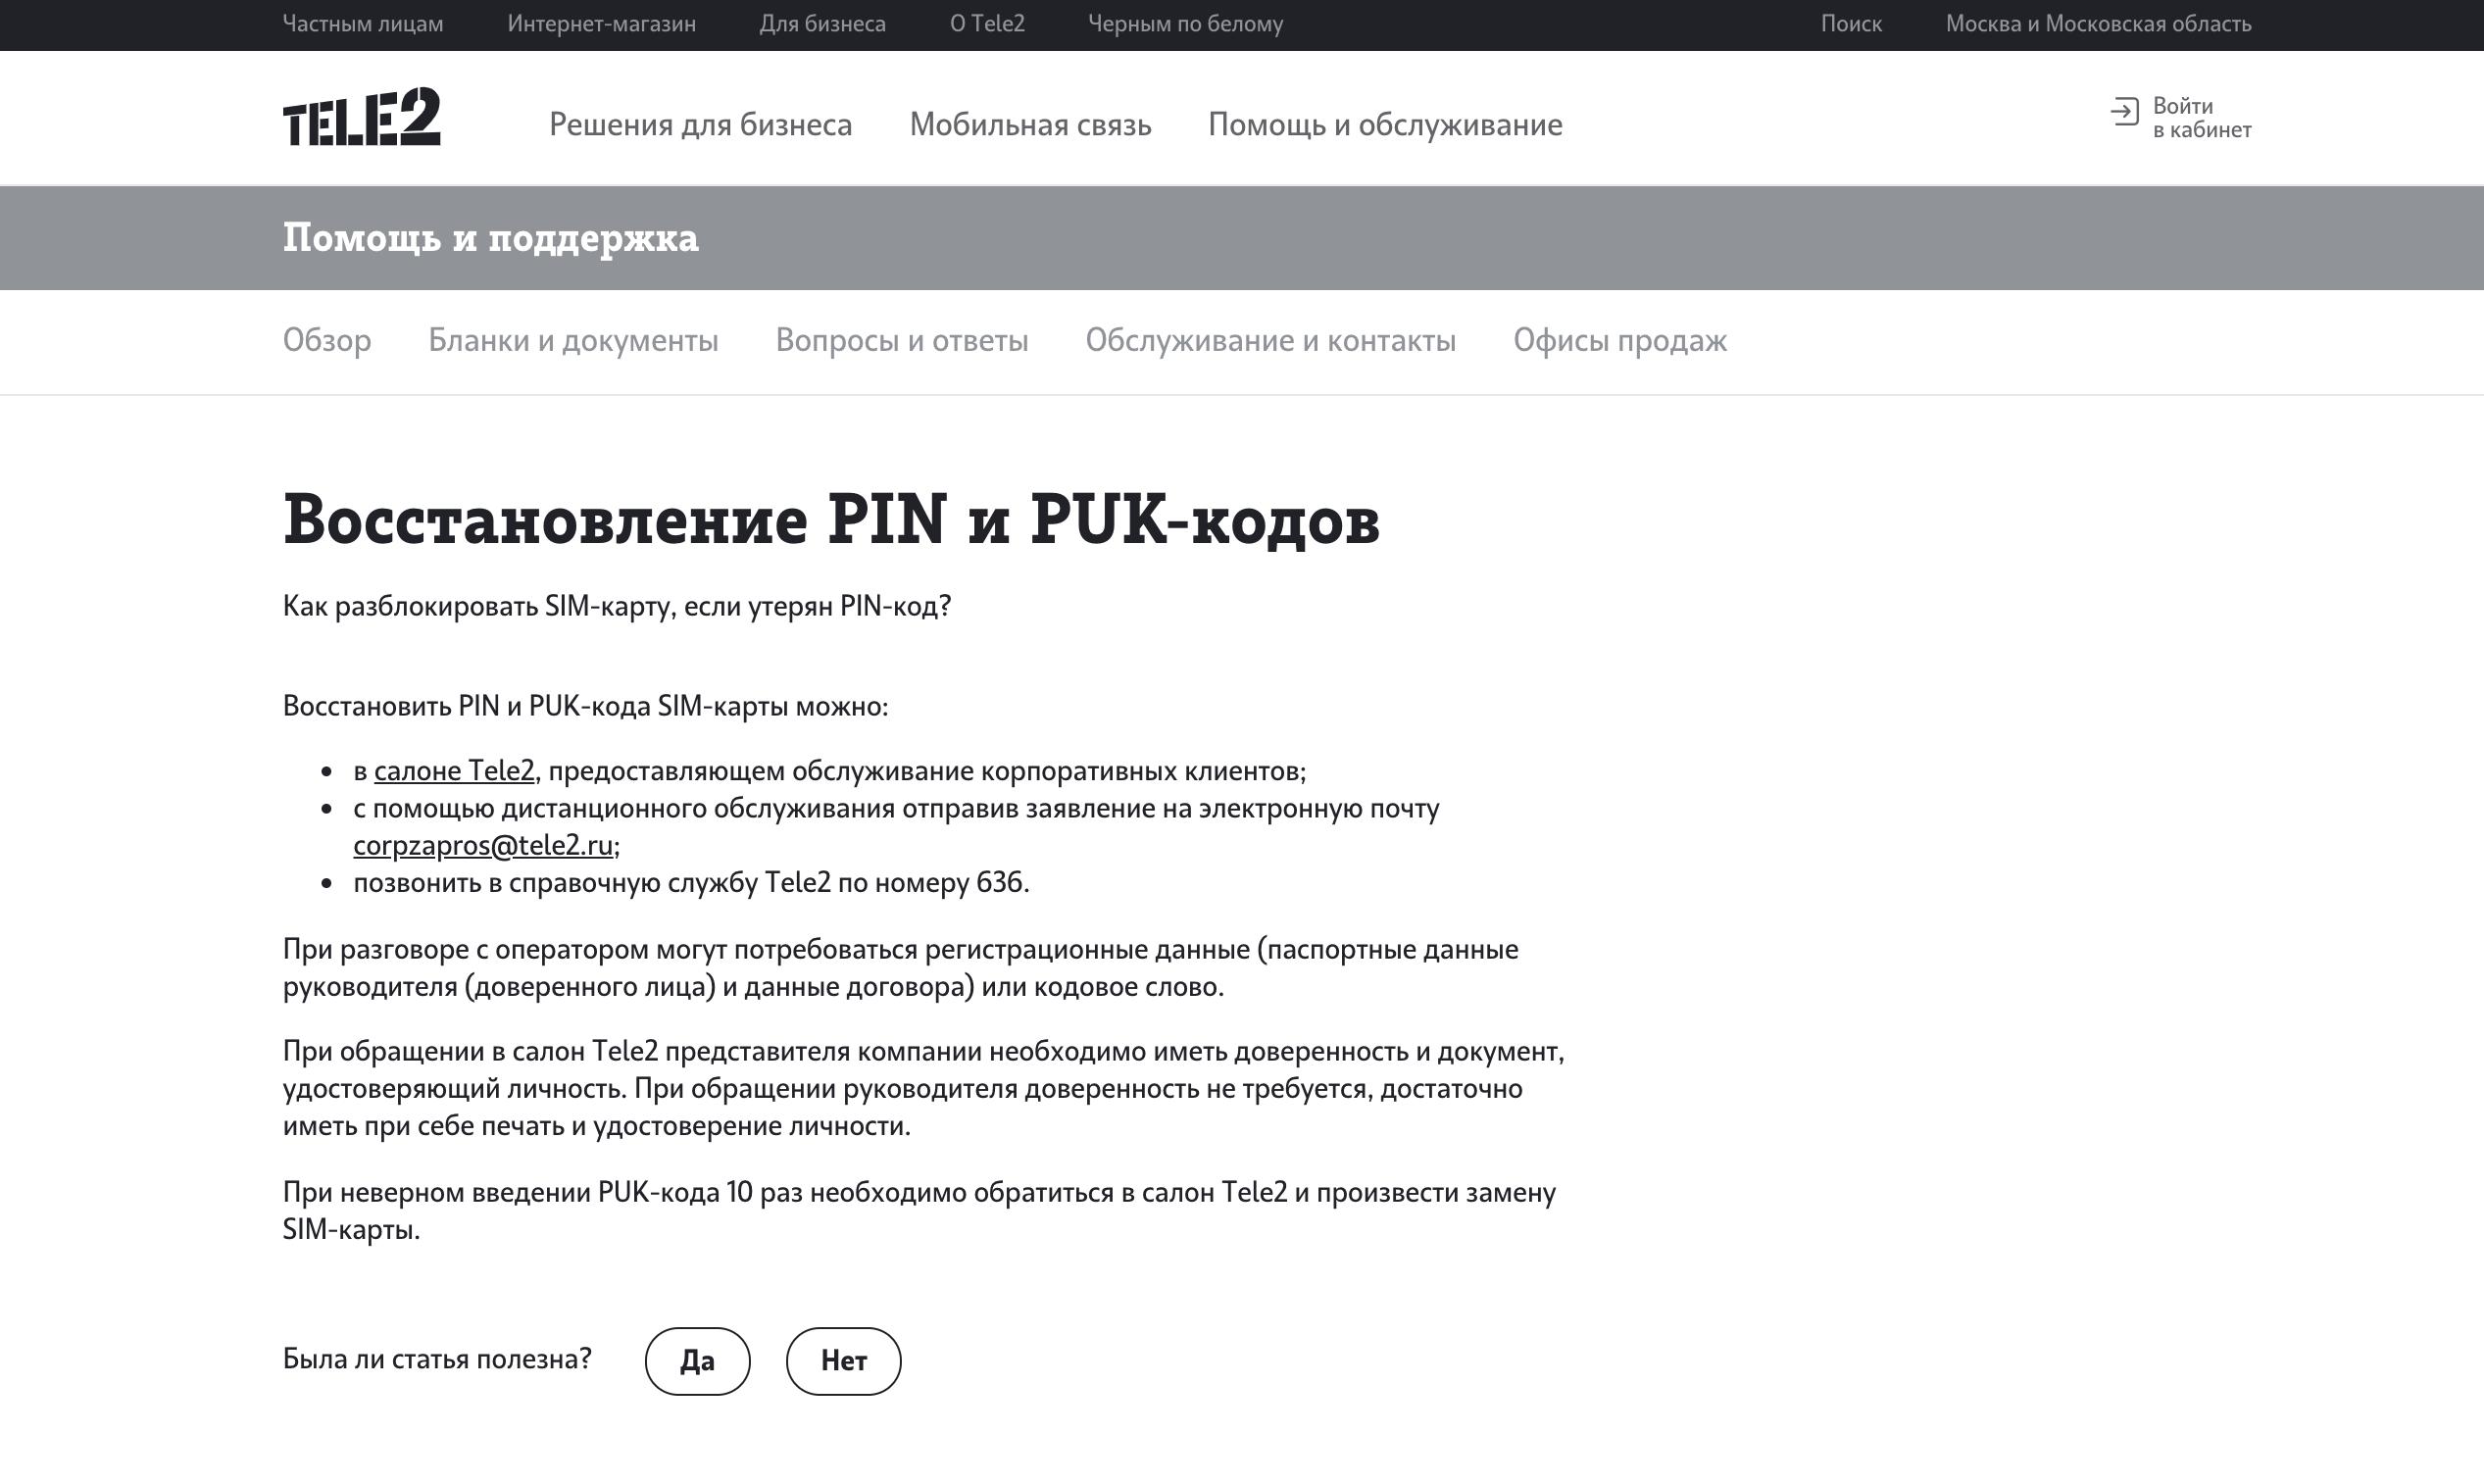 Как разблокировать SIM-карту Tele2 - восстановление PIN PUK кодов